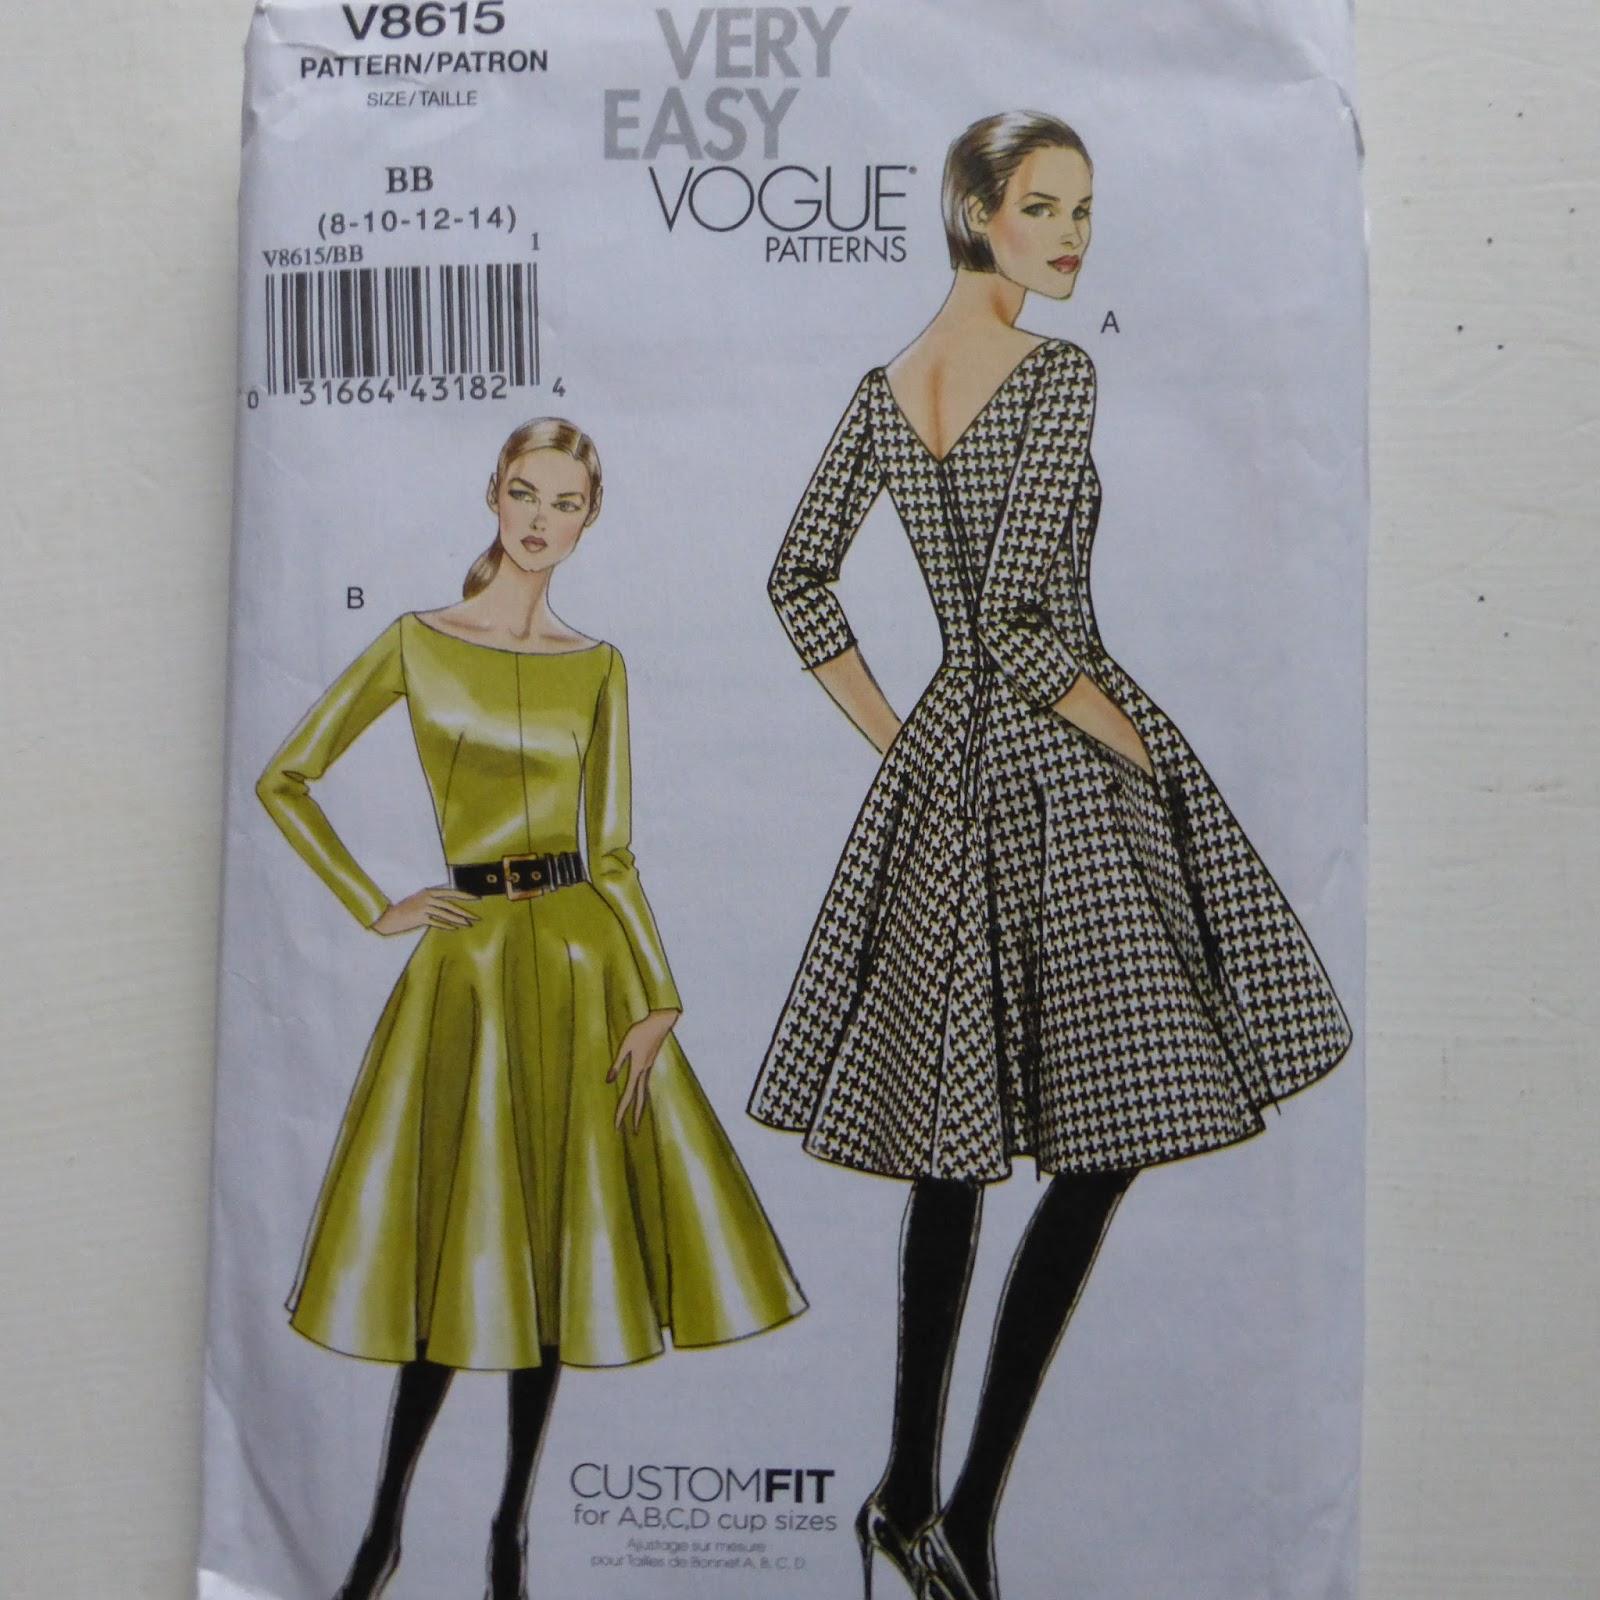 Kleidermanie: Herbst-Stoffwechsel 2014 - Finale ohne Kleid